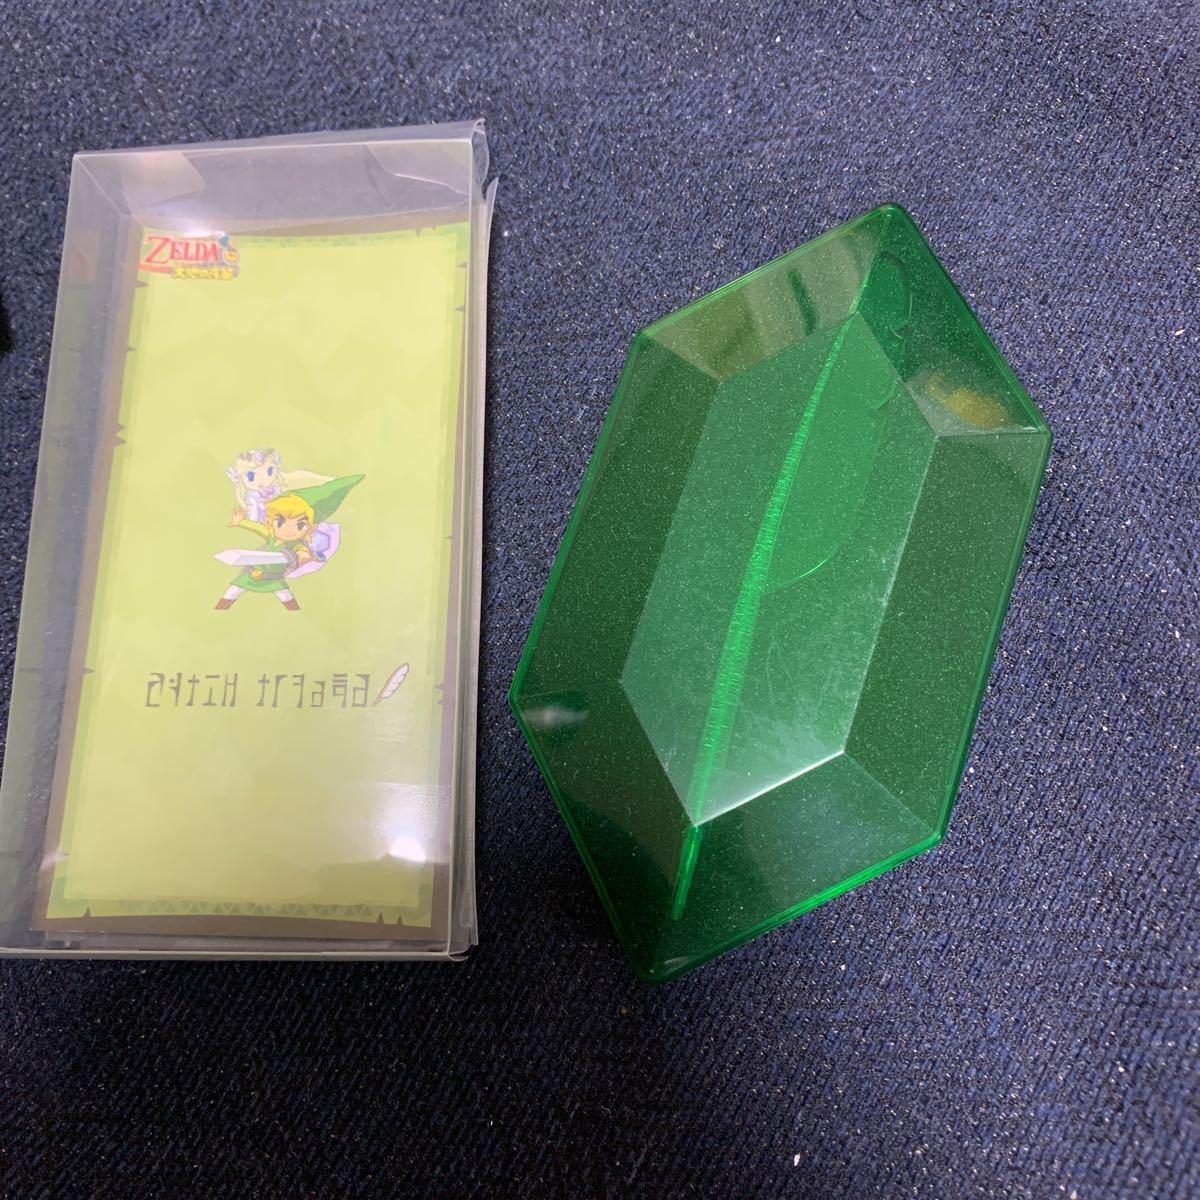 ゼルダの伝説 羽根ペン型 オリジナル透明タッチペン 大地の汽笛 ニンテンドーDS 任天堂 ルピー 型ケース入り_画像6